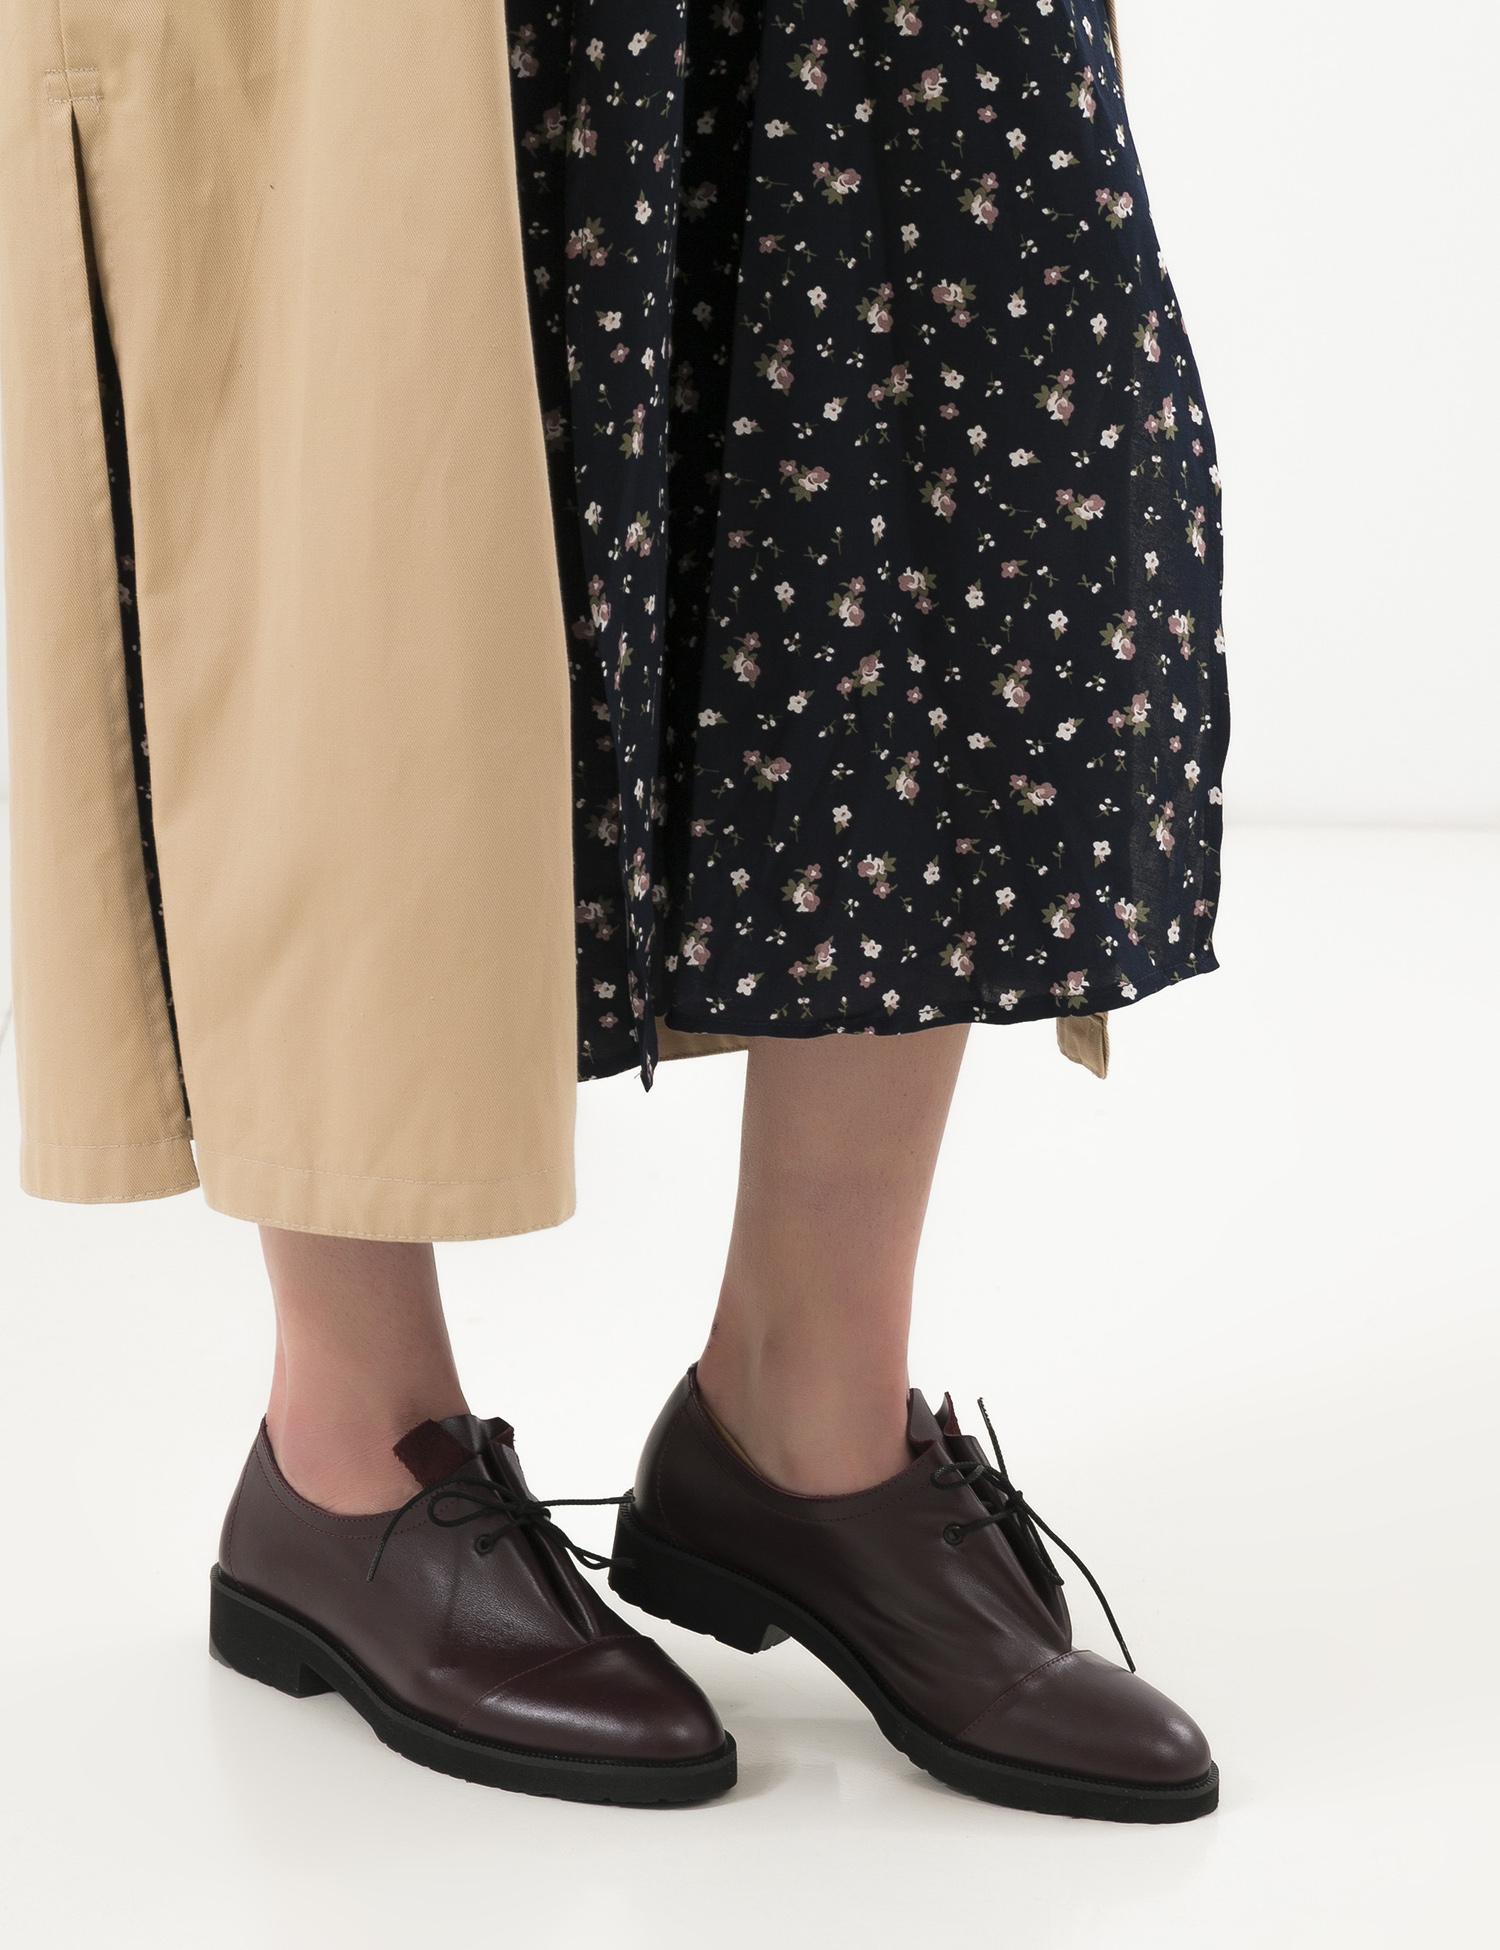 Туфлі  жіночі Туфли 1401bordo бордовая кожа 1401bordo дивитися, 2017